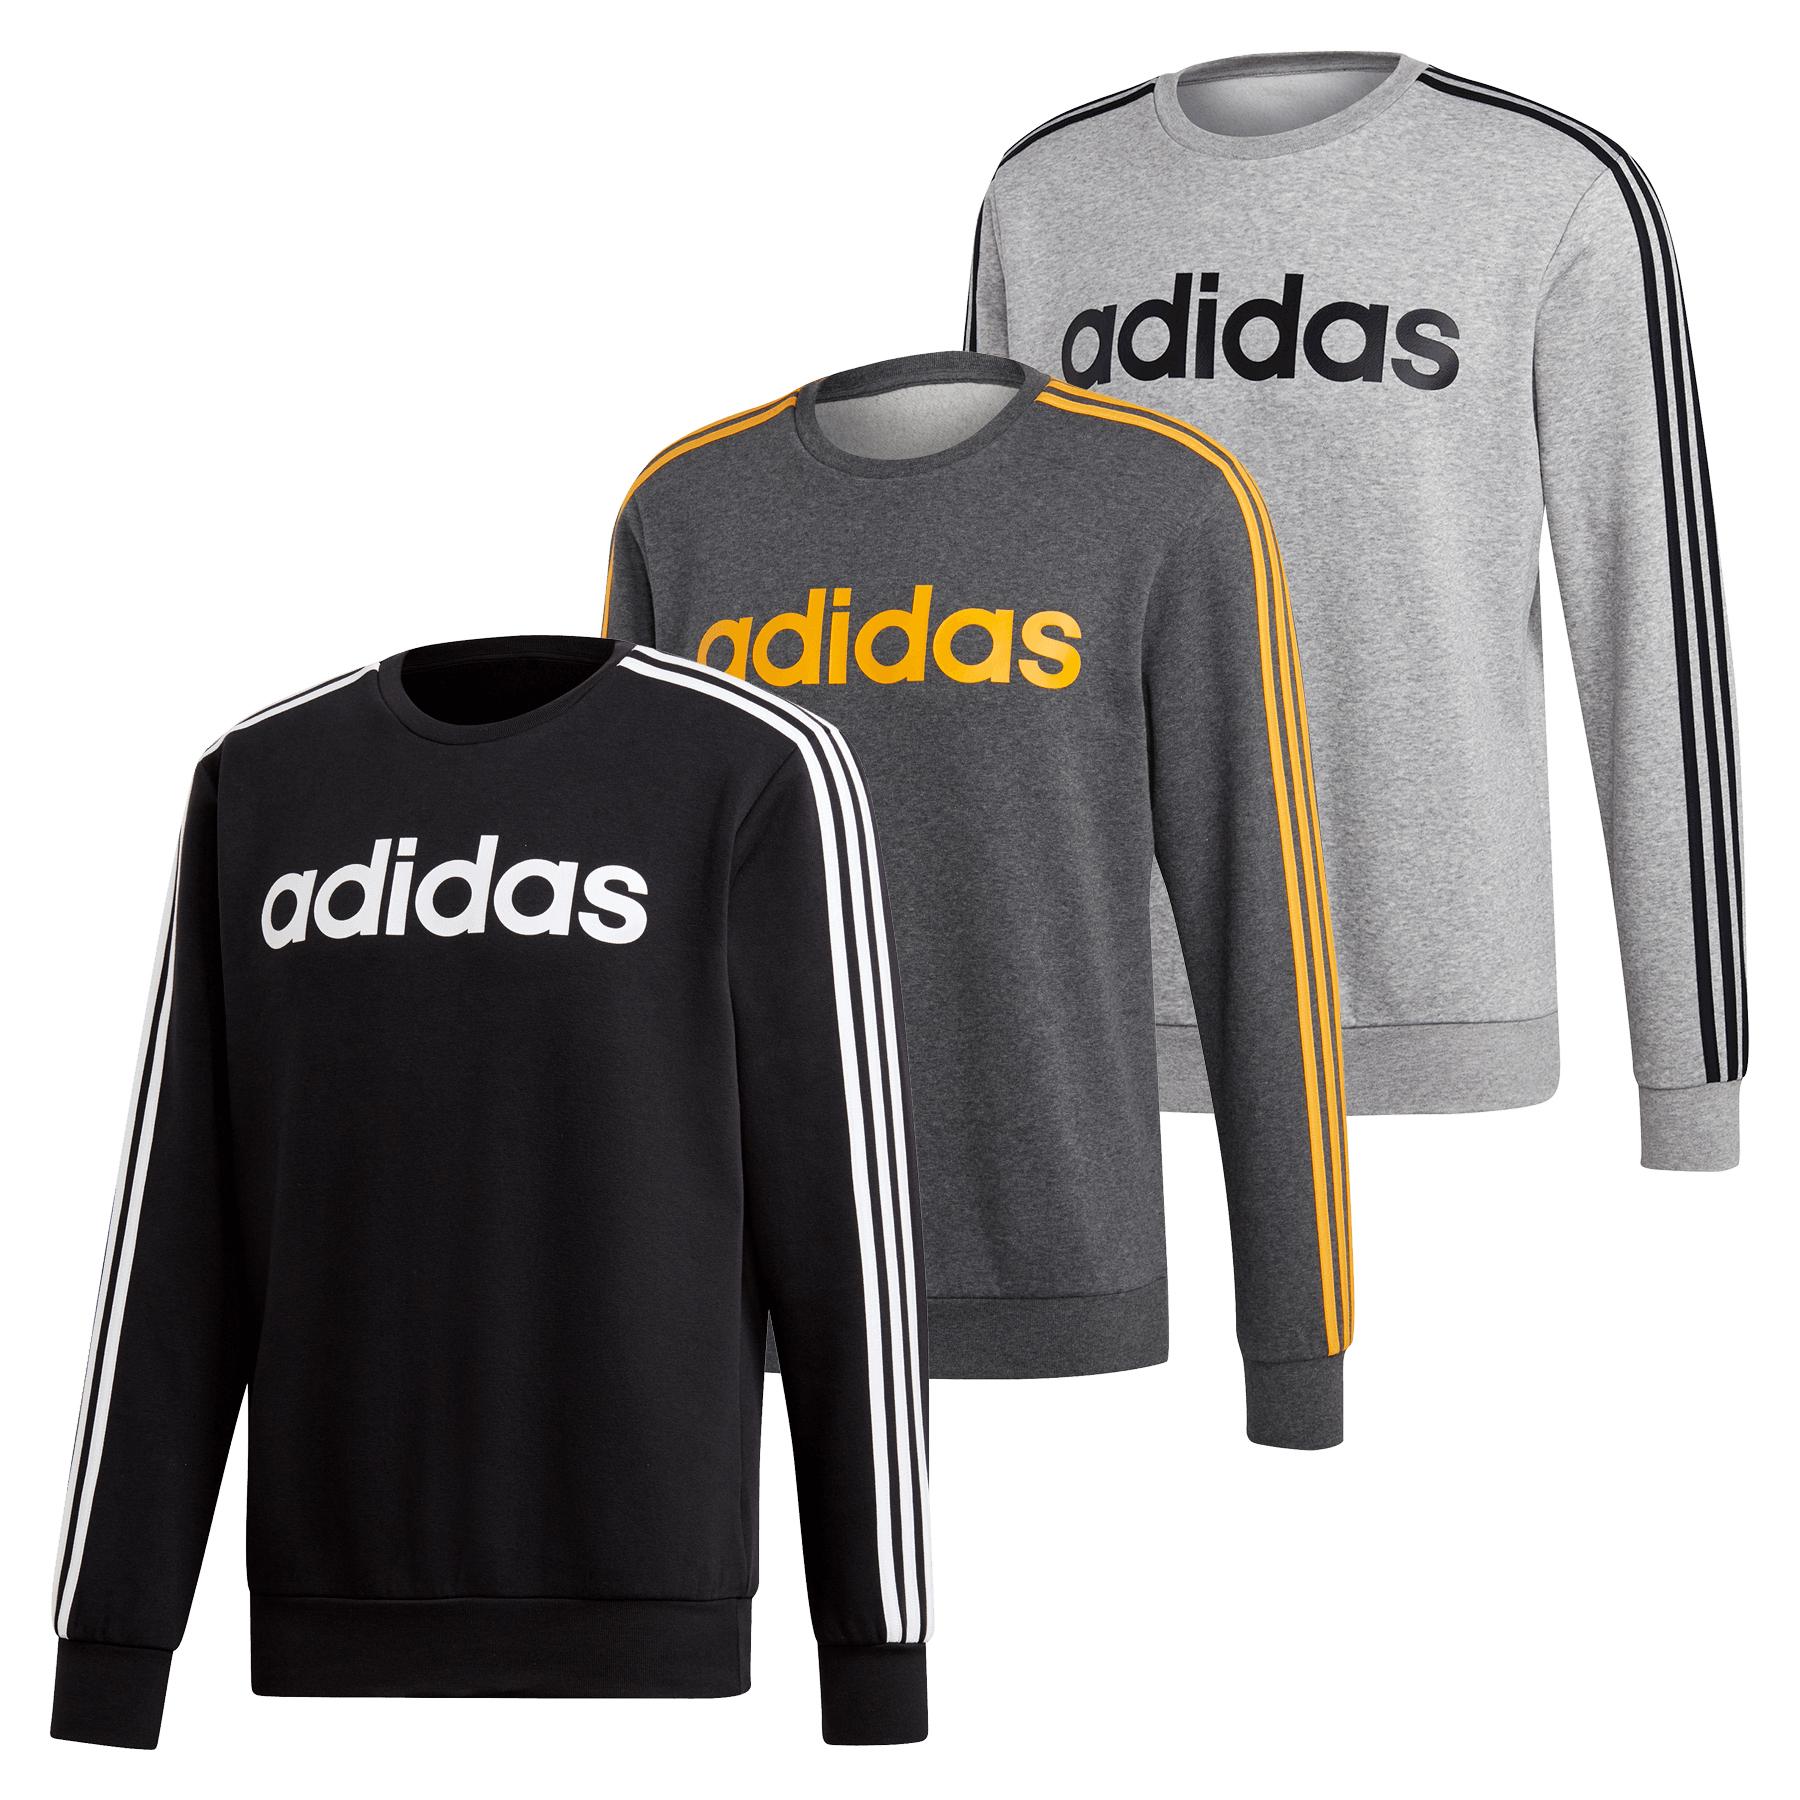 adidas Essentials 3 Stripes Sweatshirt (Größen S bis XXL)